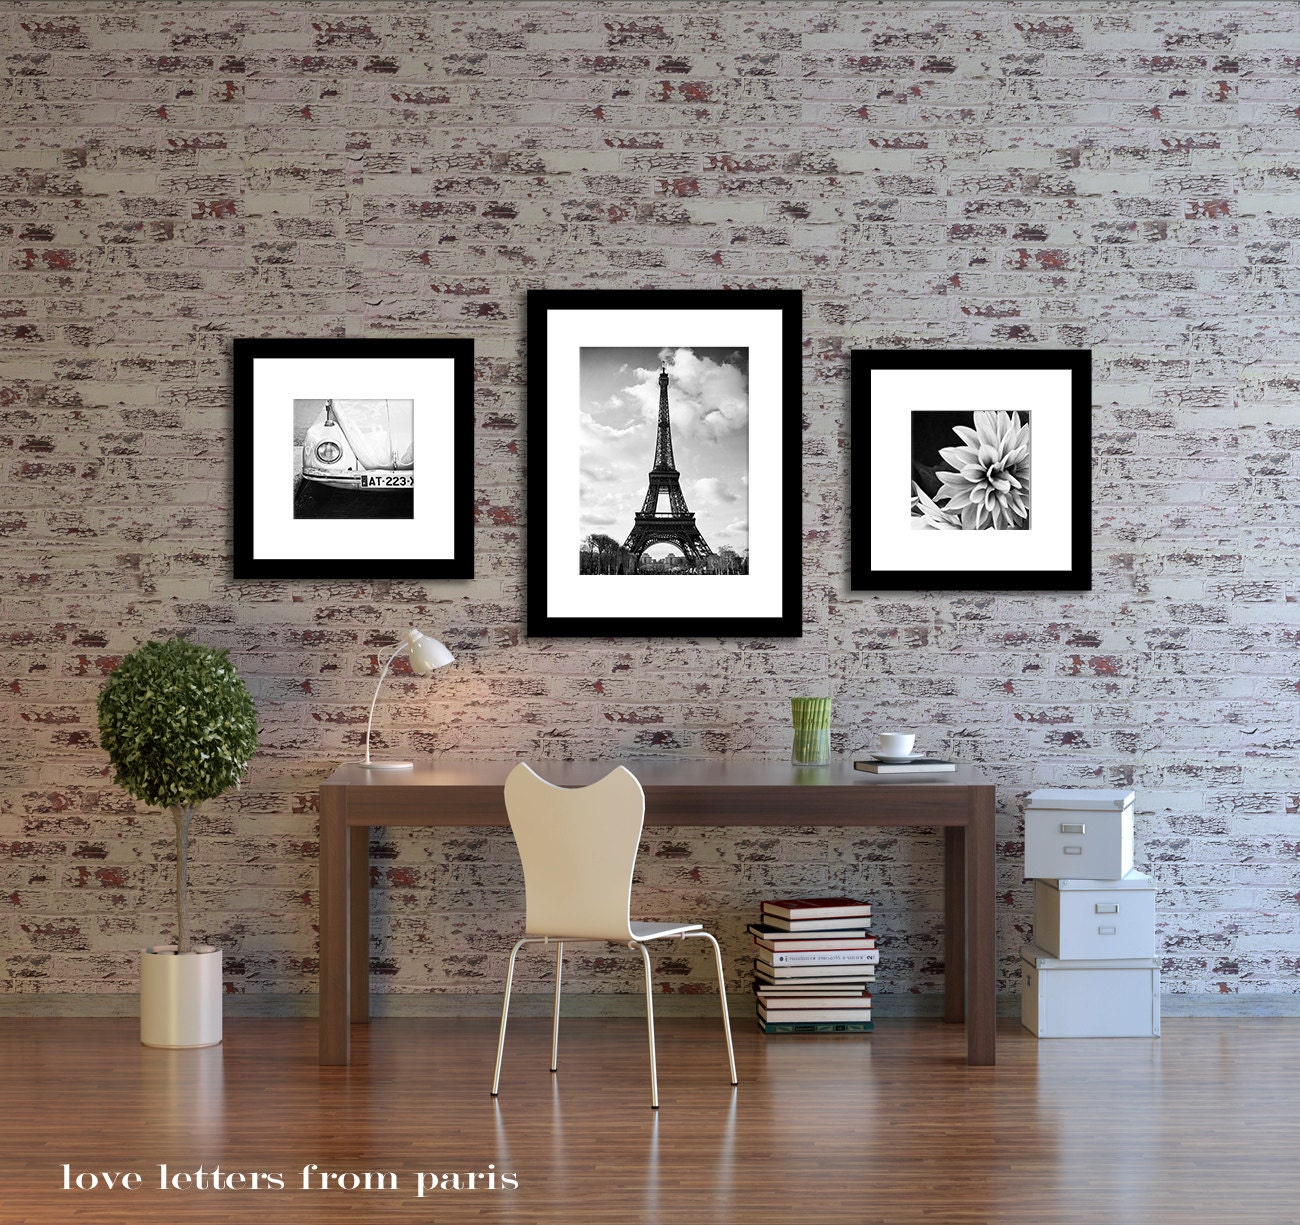 Paris photograph home decor paris wall art paris by for Home decorations paris